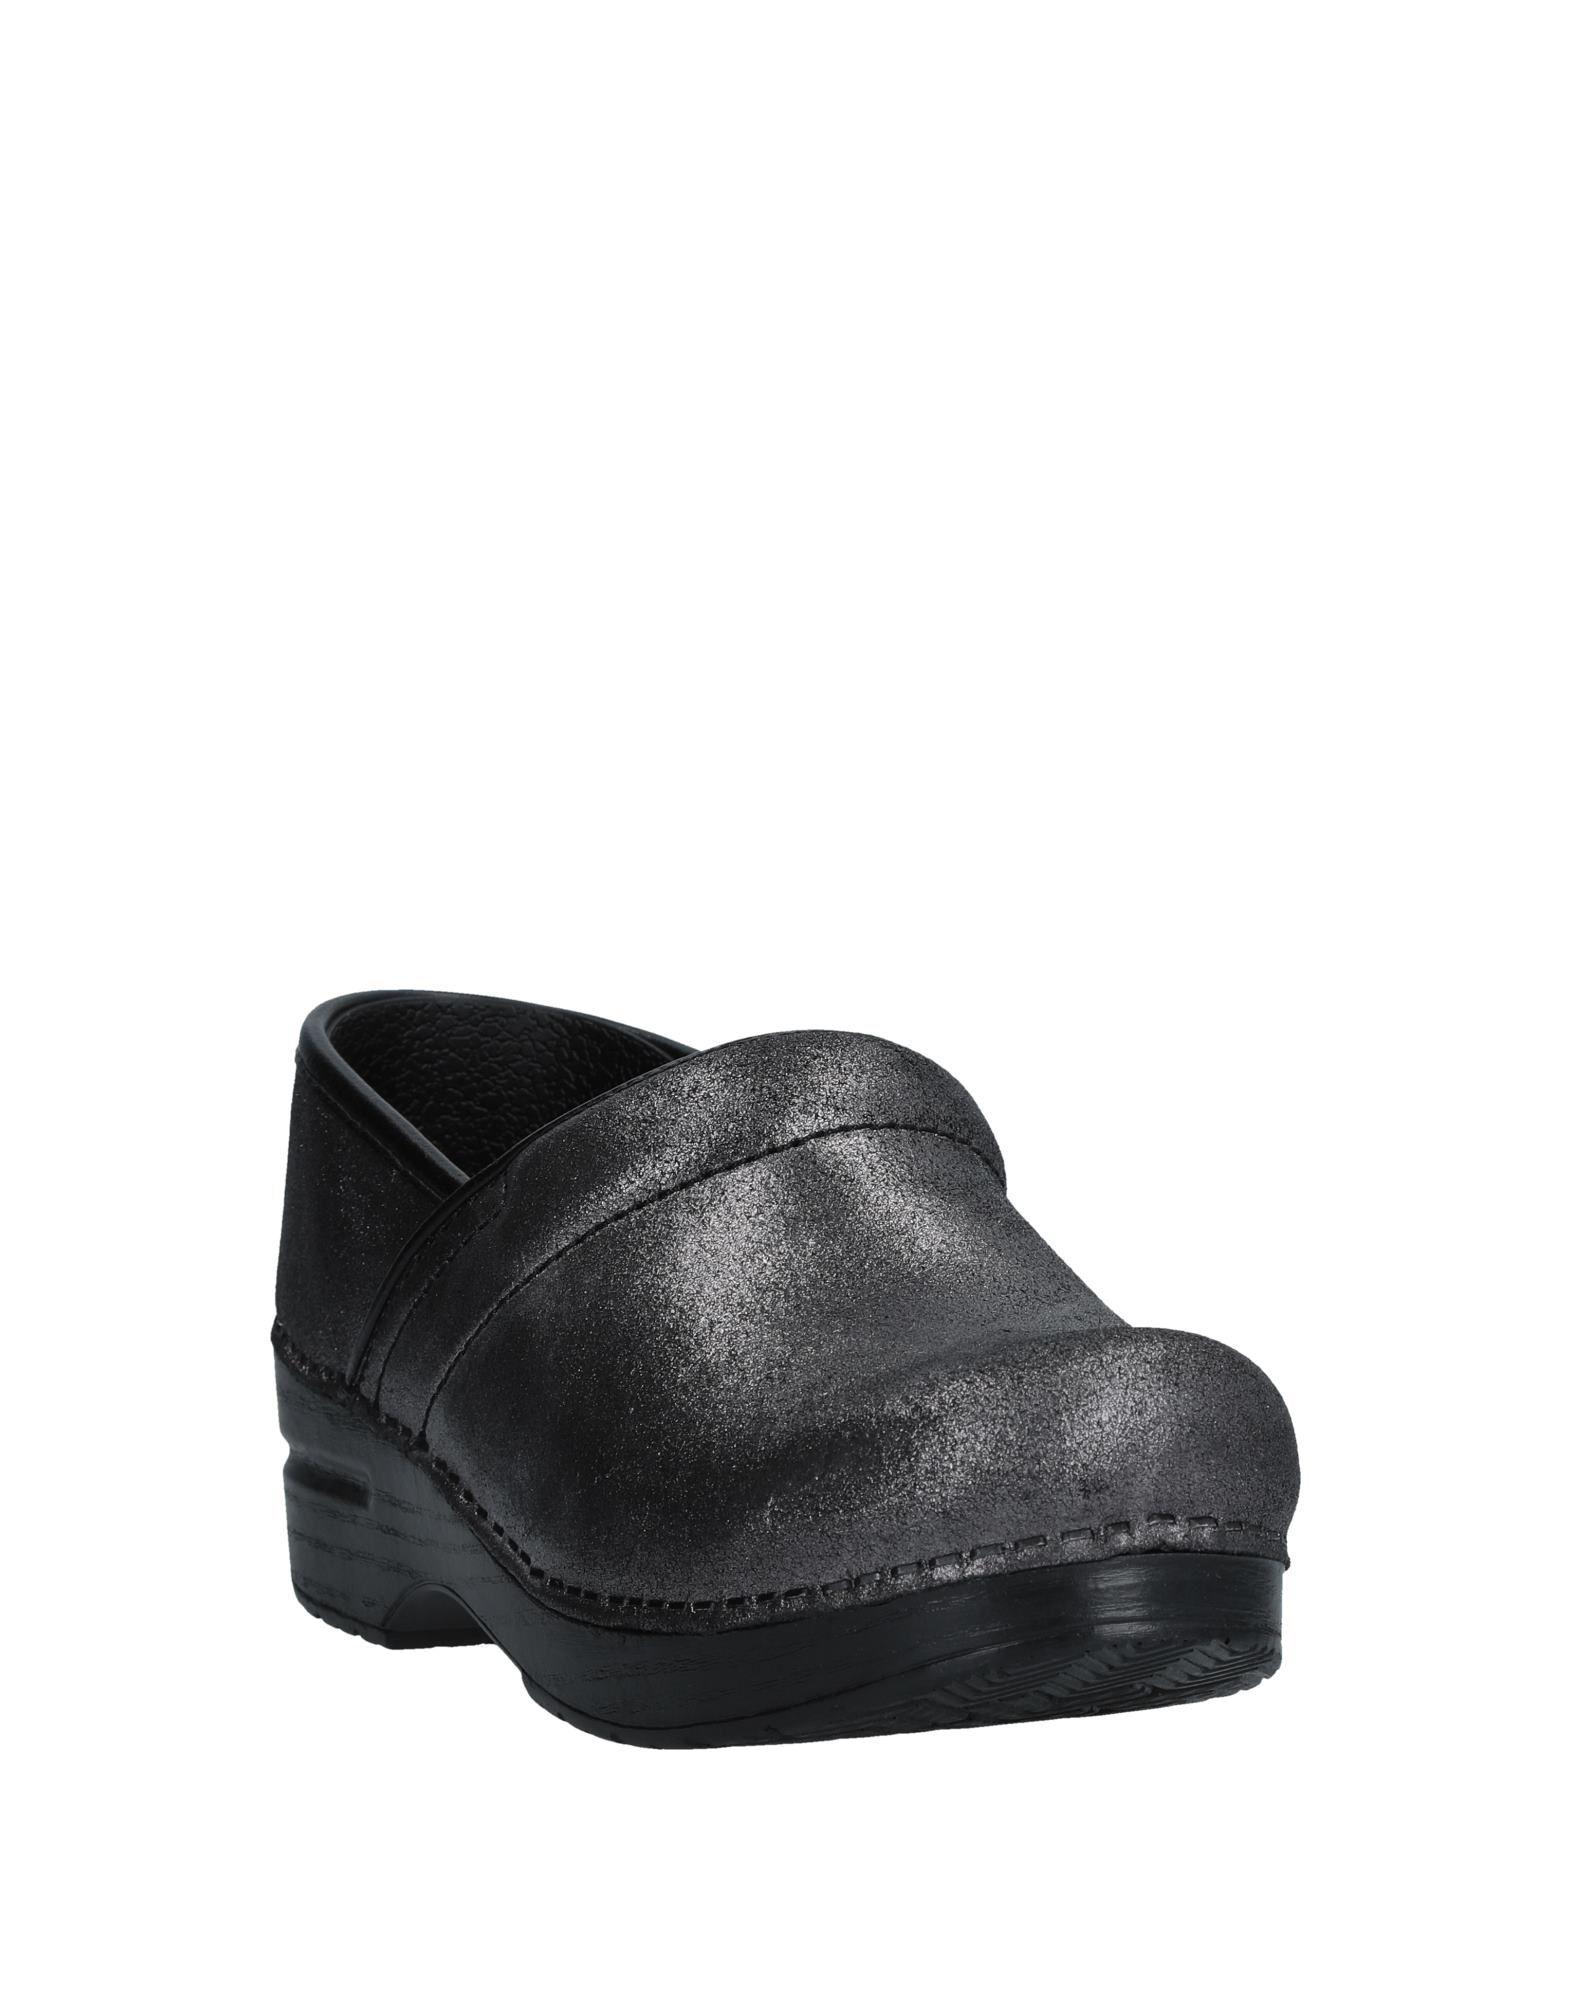 Dansko Damen Mokassins Damen Dansko  11536439QR Gute Qualität beliebte Schuhe b19a00